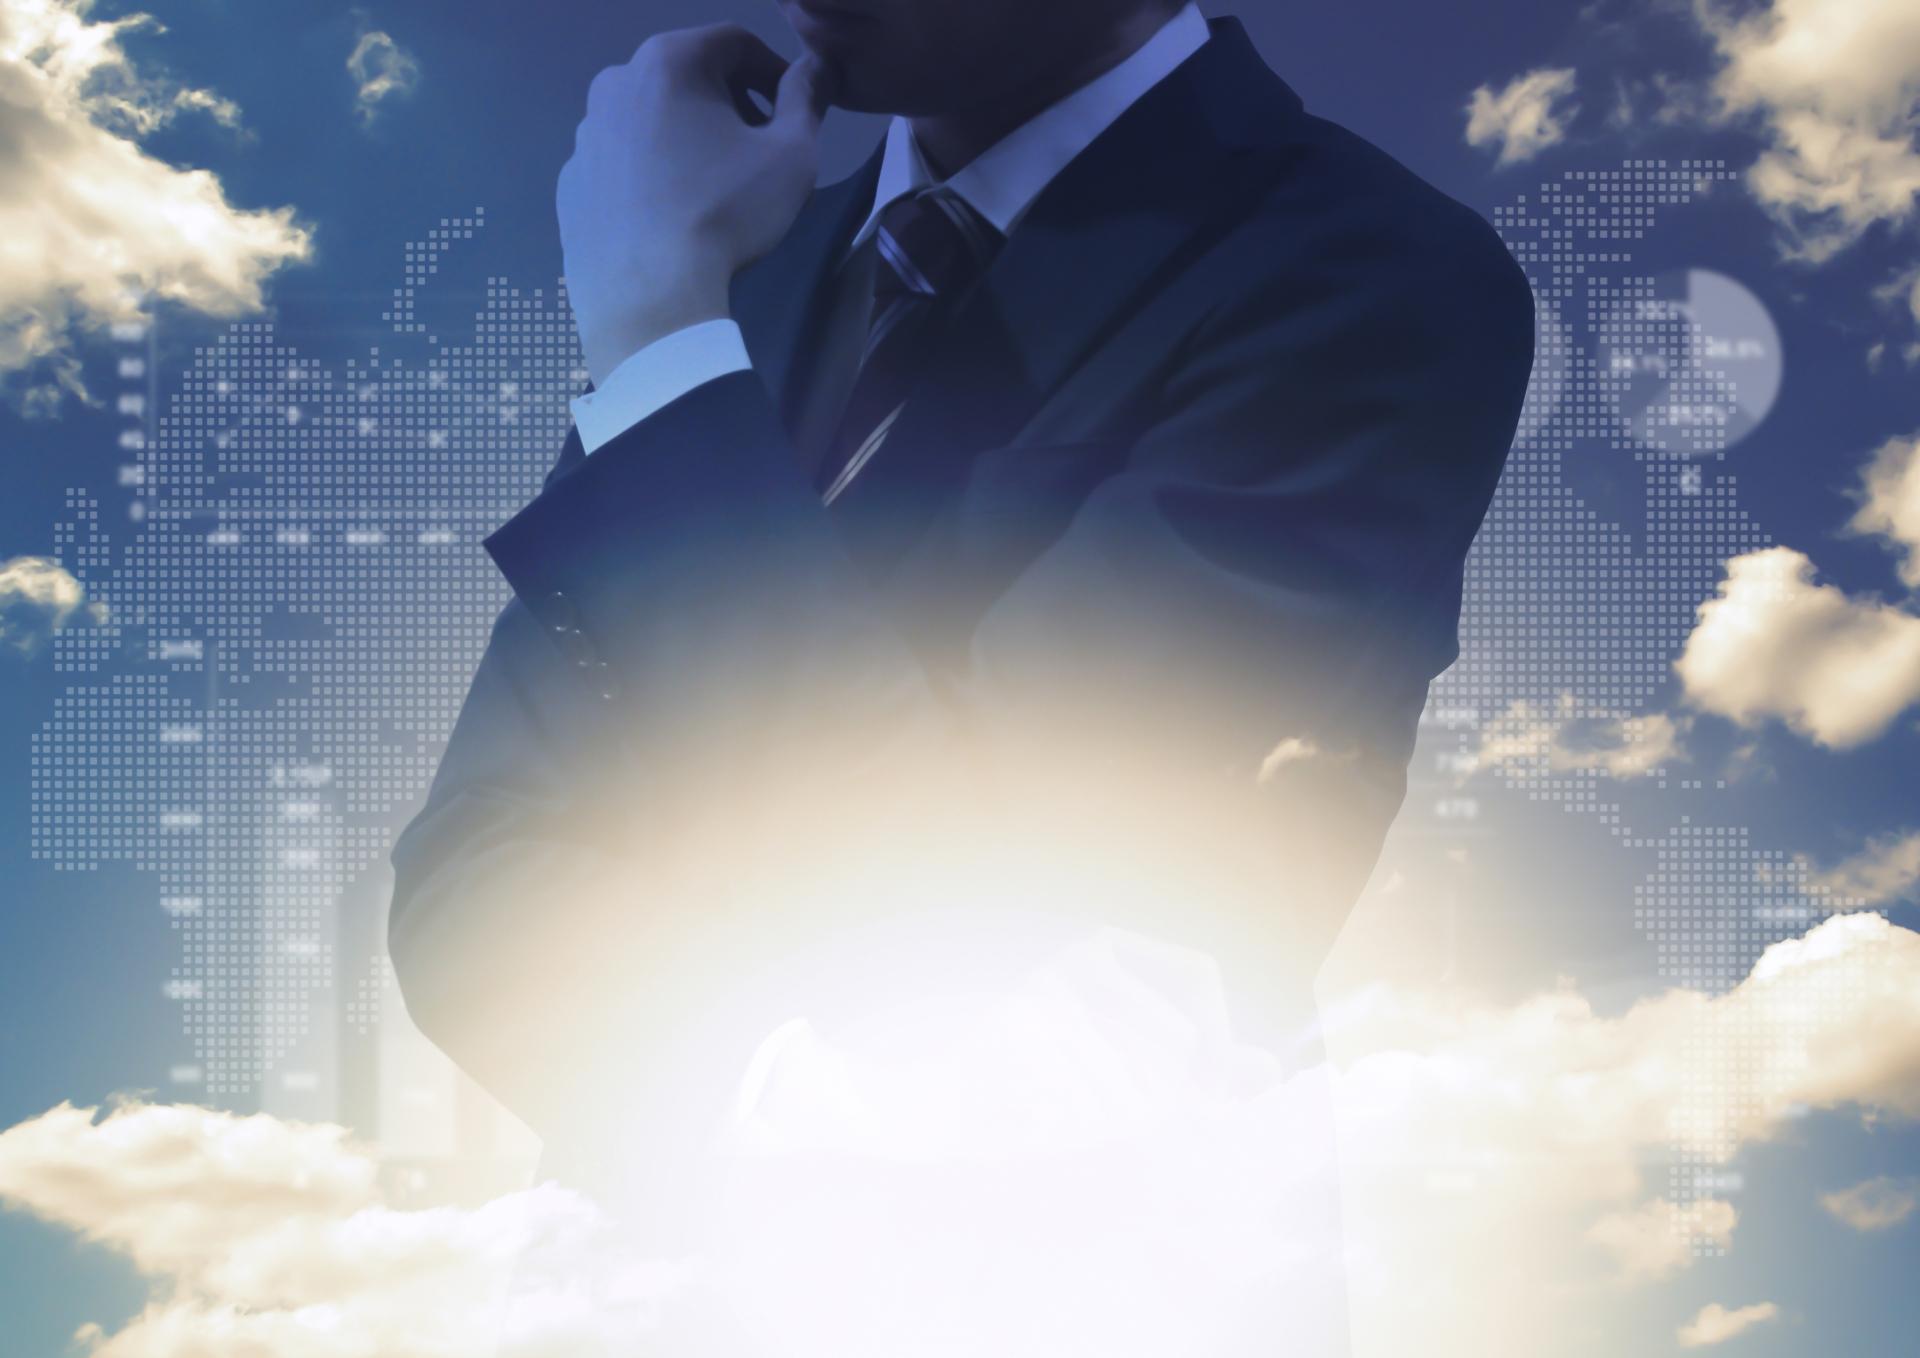 医師 将来 キャリアプラン 転職 開業 開業成功 院長思考回路 開業準備 開業セミナー 開業医 勤務医 開業準備 開業支援 事業計画 キャッシュフロー 初期投資 経営マインド クリニック開業コンサルタント クリニック開業相談 ジーネット株式会社